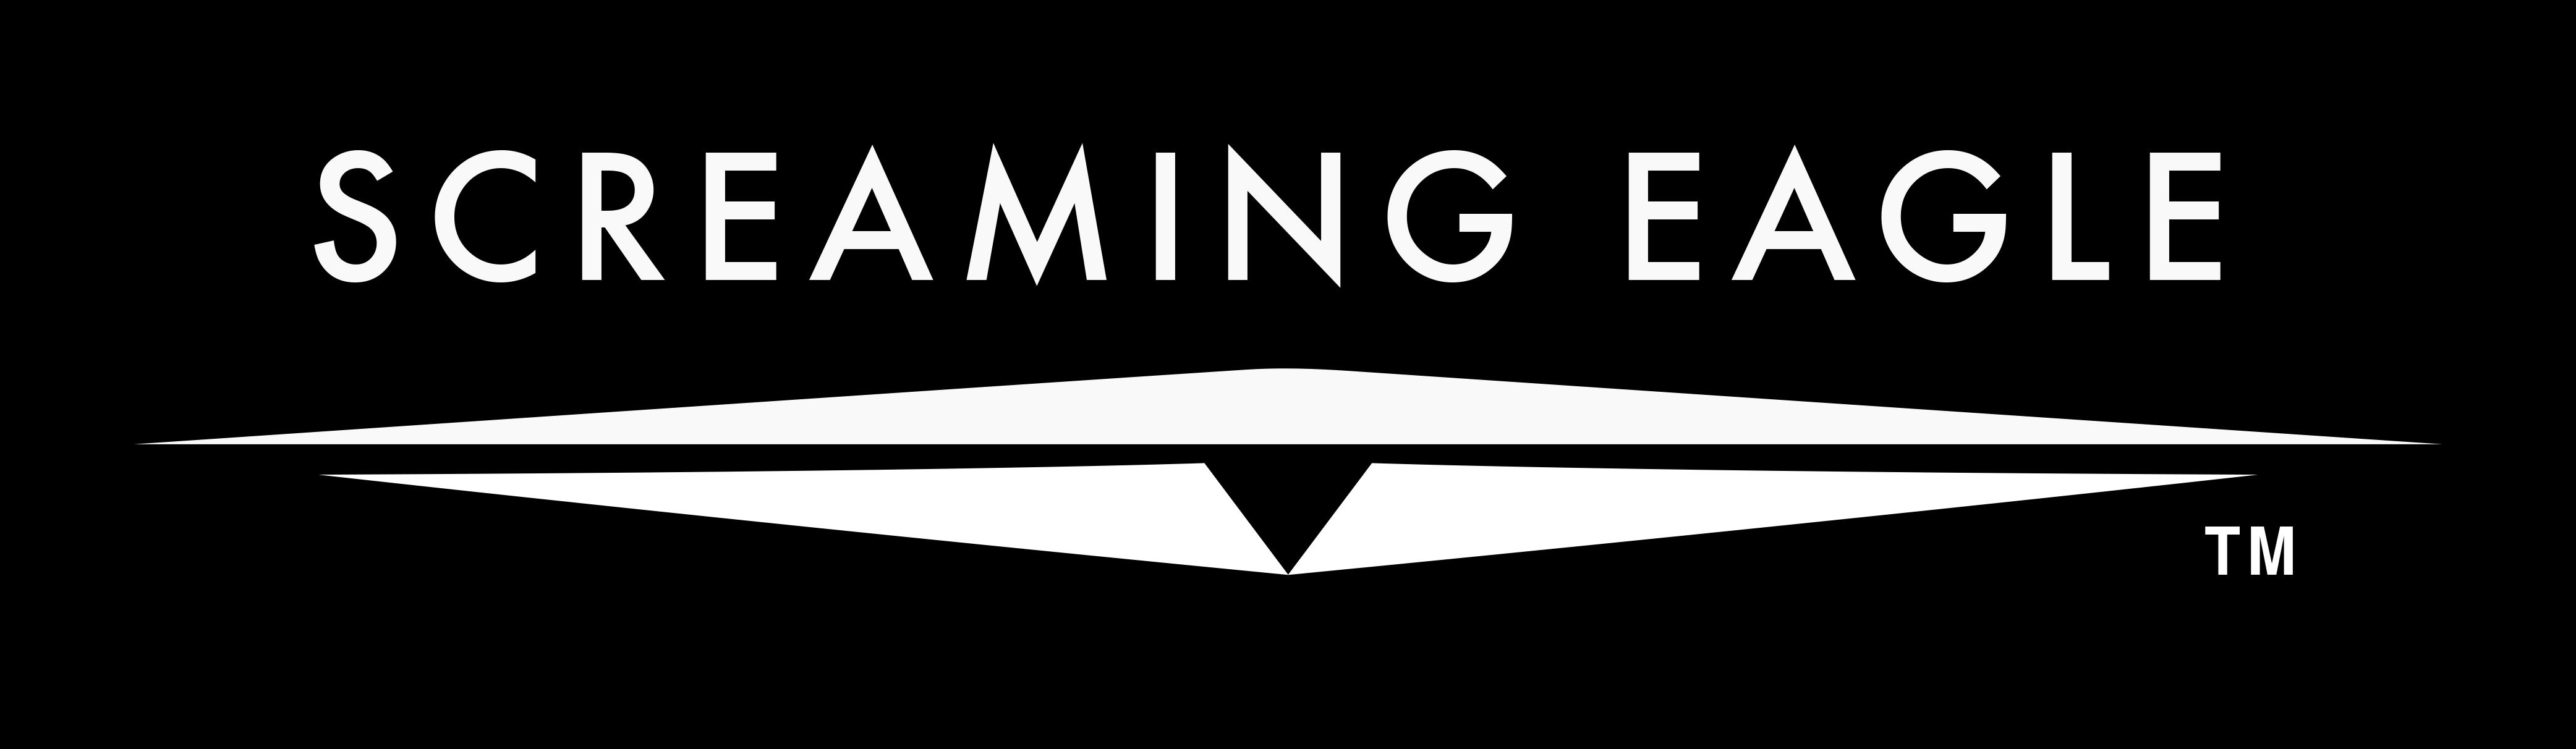 Screaming-Eagle Laval